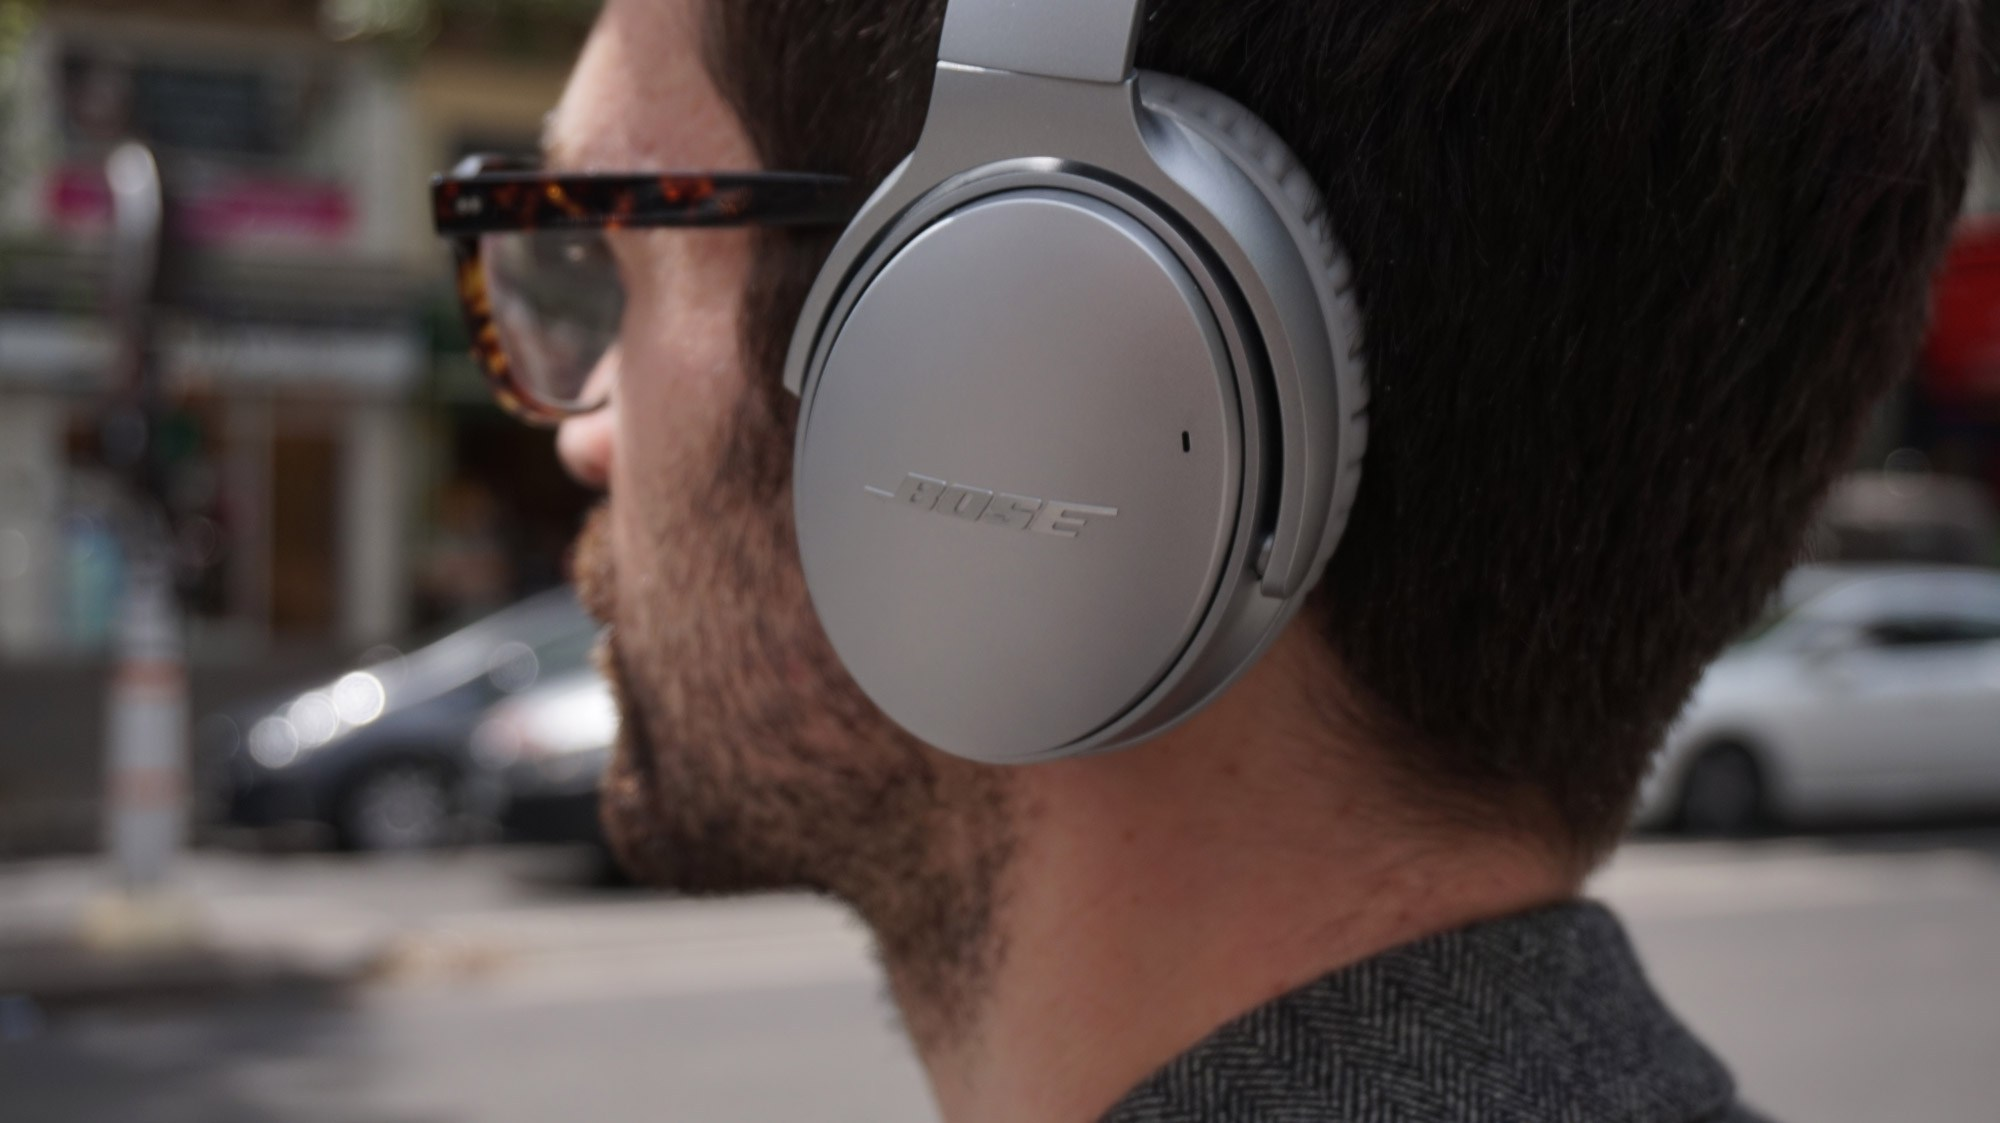 Android O : Sony a joué un grand rôle pour améliorer la qualité audio sans fil